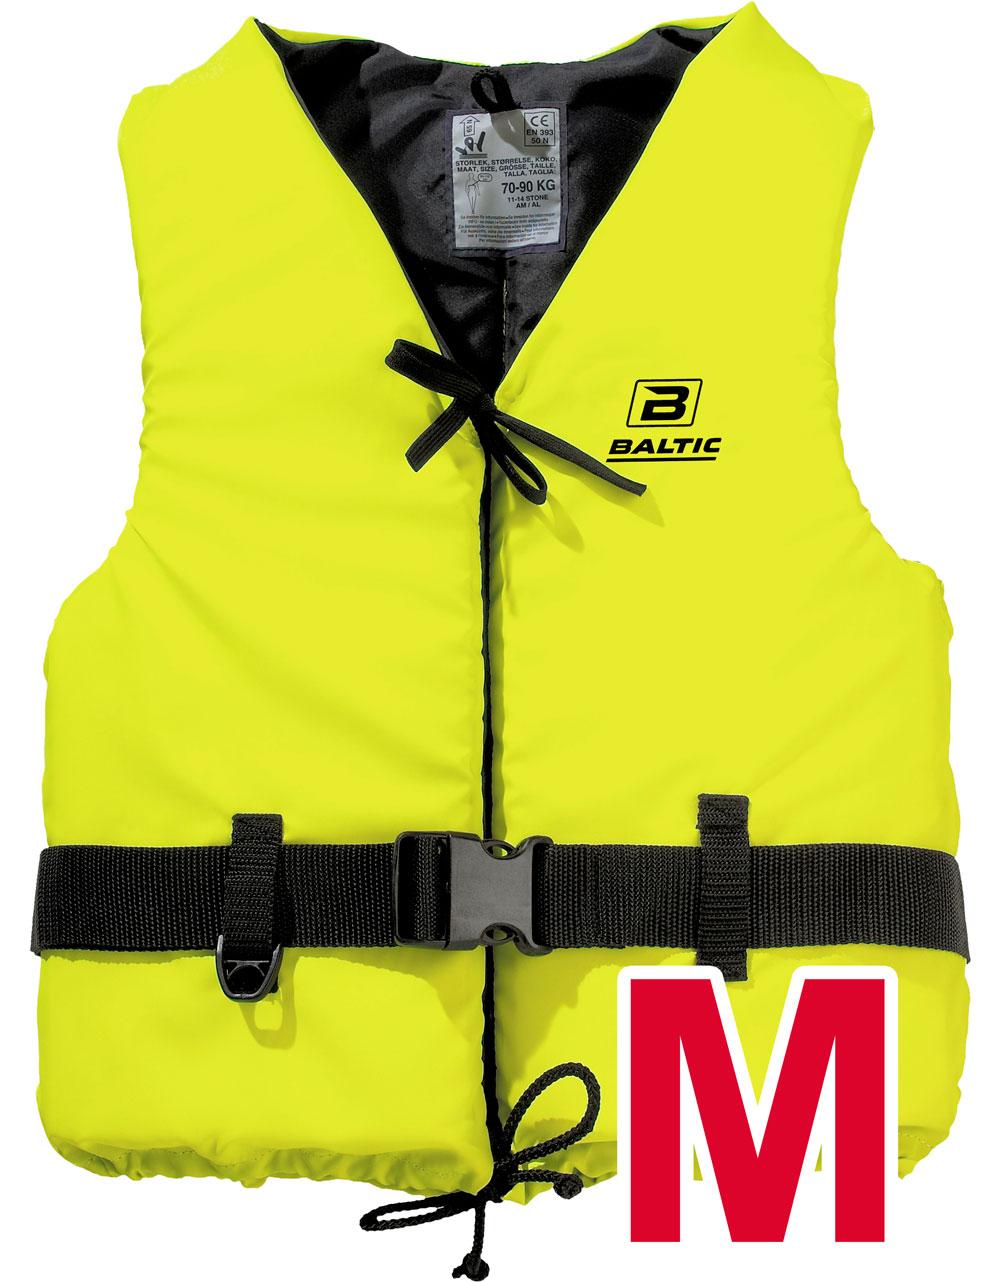 Baltic Aqua Schwimmhilfe 50N UV-Yellow 5116 (verschiedene Größen)